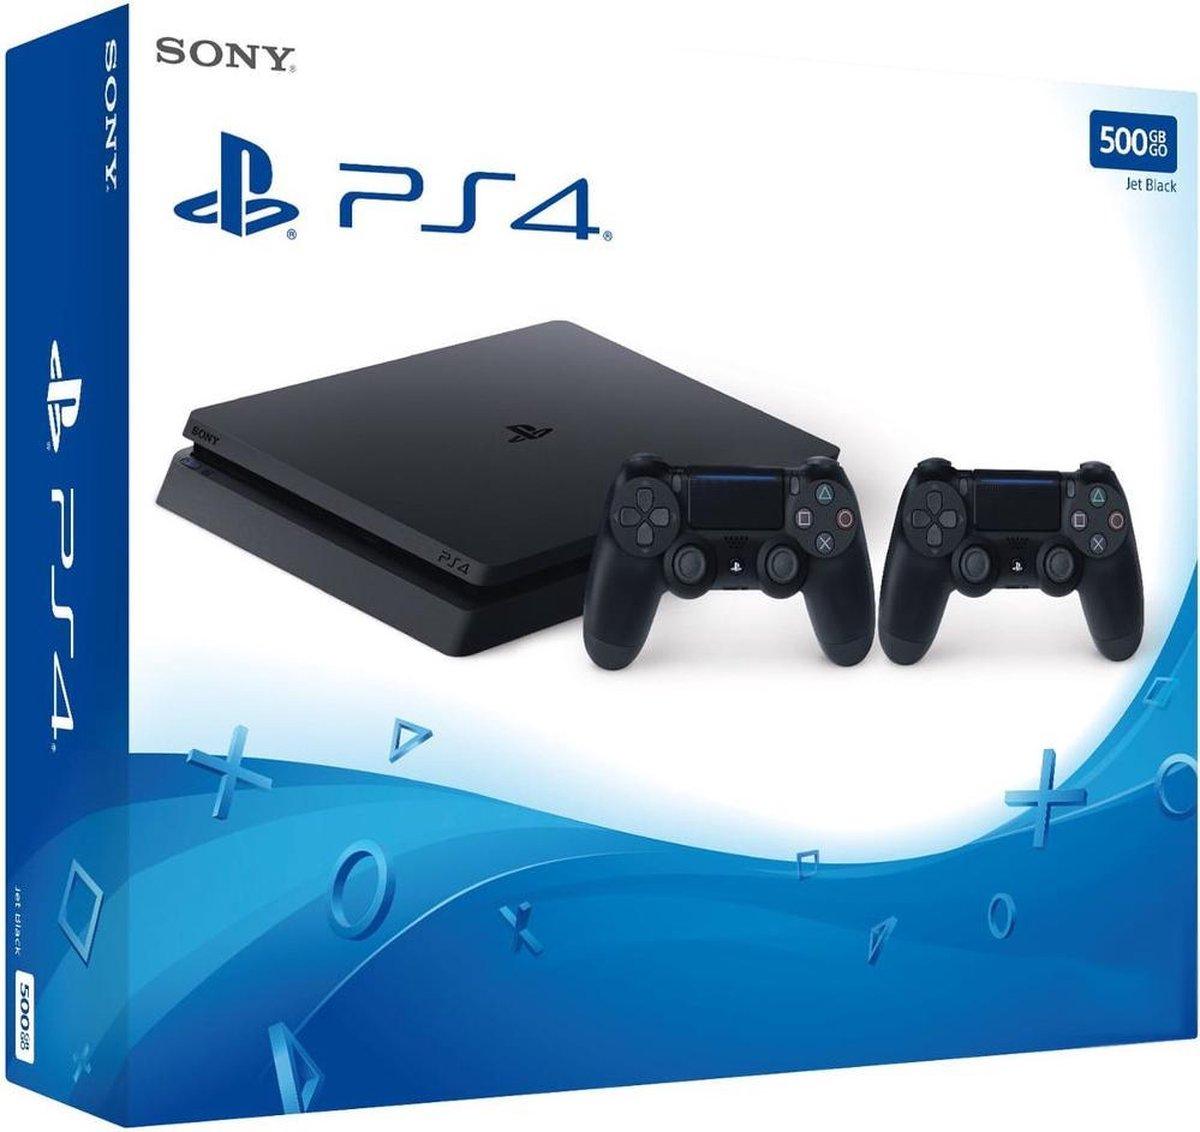 Sony PlayStation 4 Slim 500GB + Dualshock 4 Controller